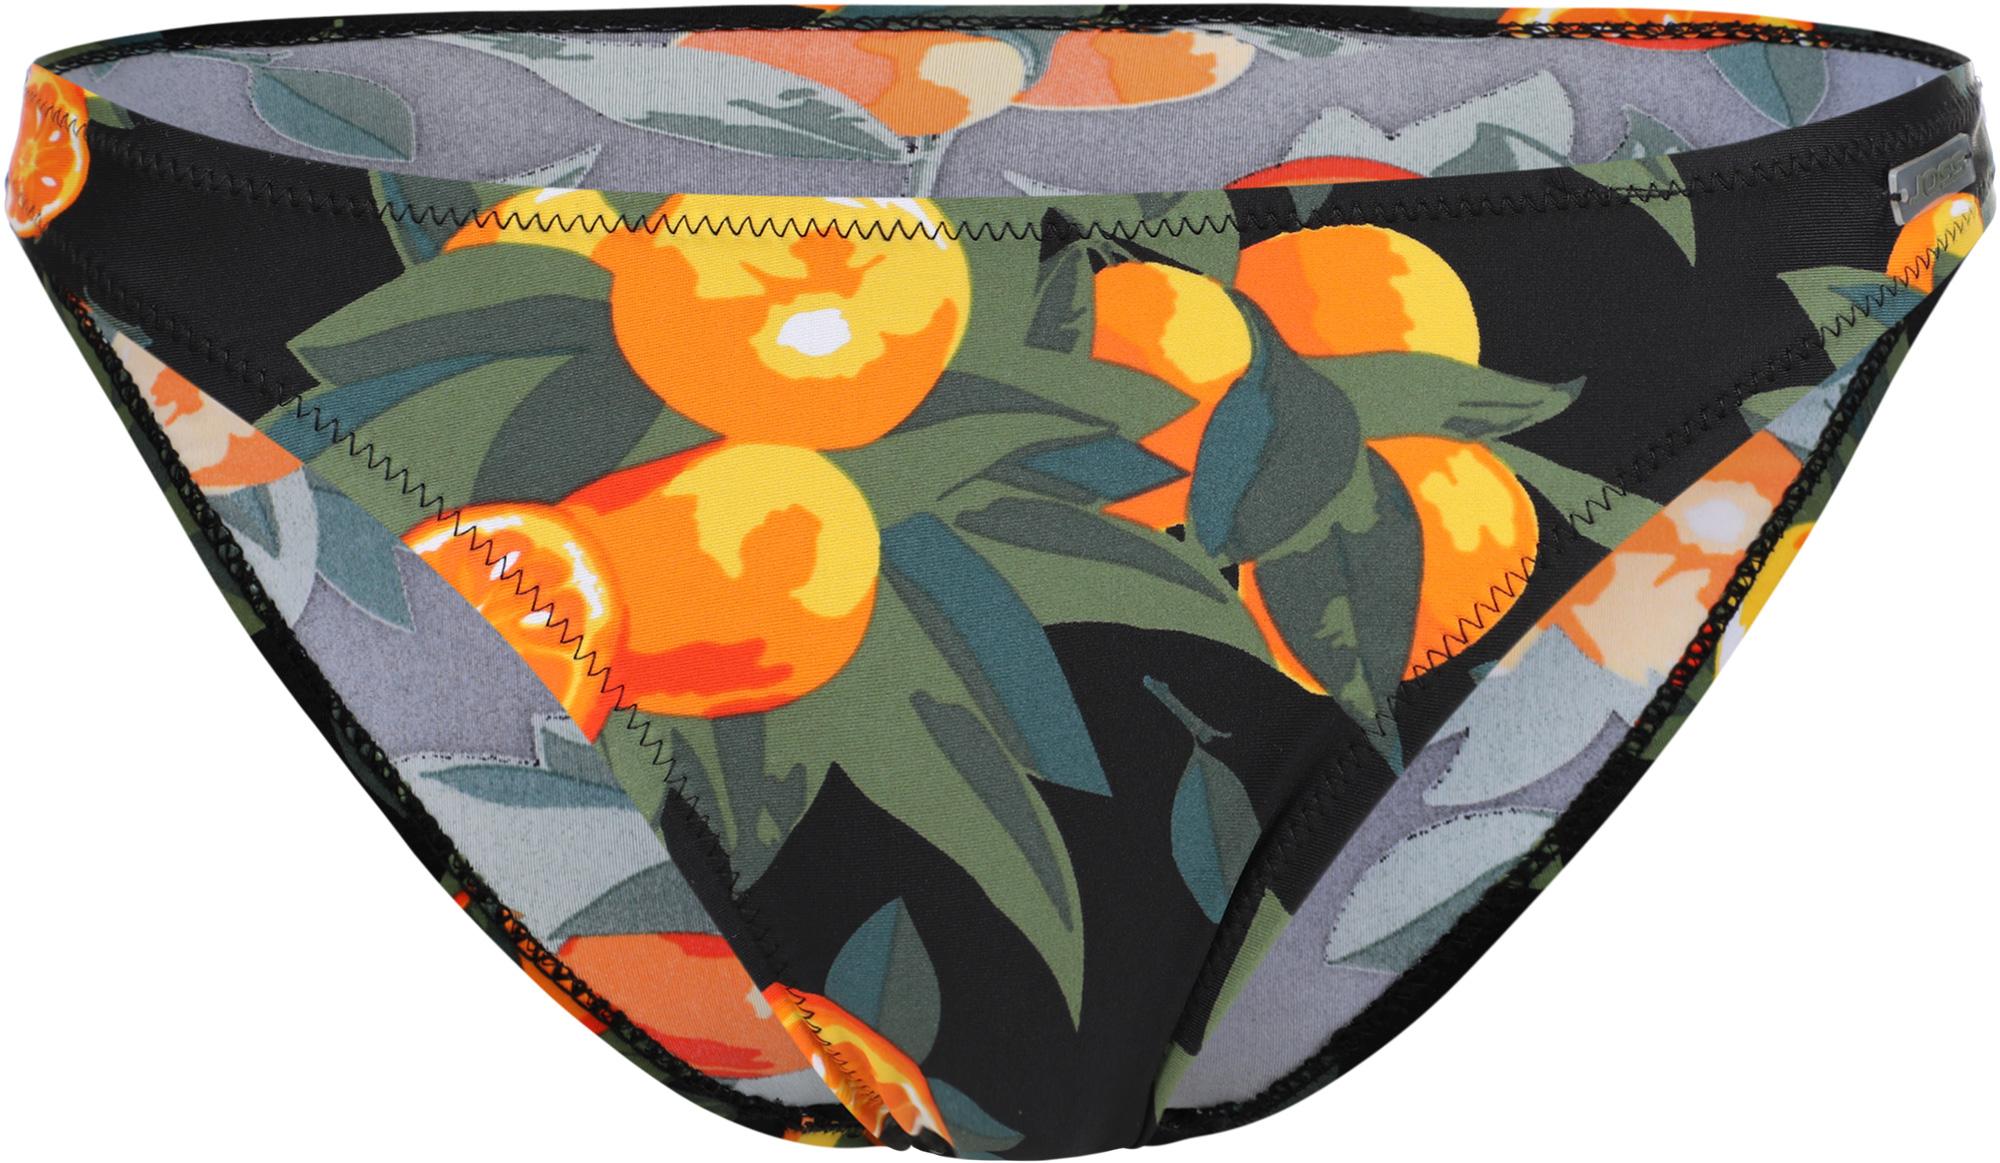 Joss Плавки женские Joss, размер 46 плавки для мальчика joss boys swim trunks цвет синий blx05s6 mm размер 164